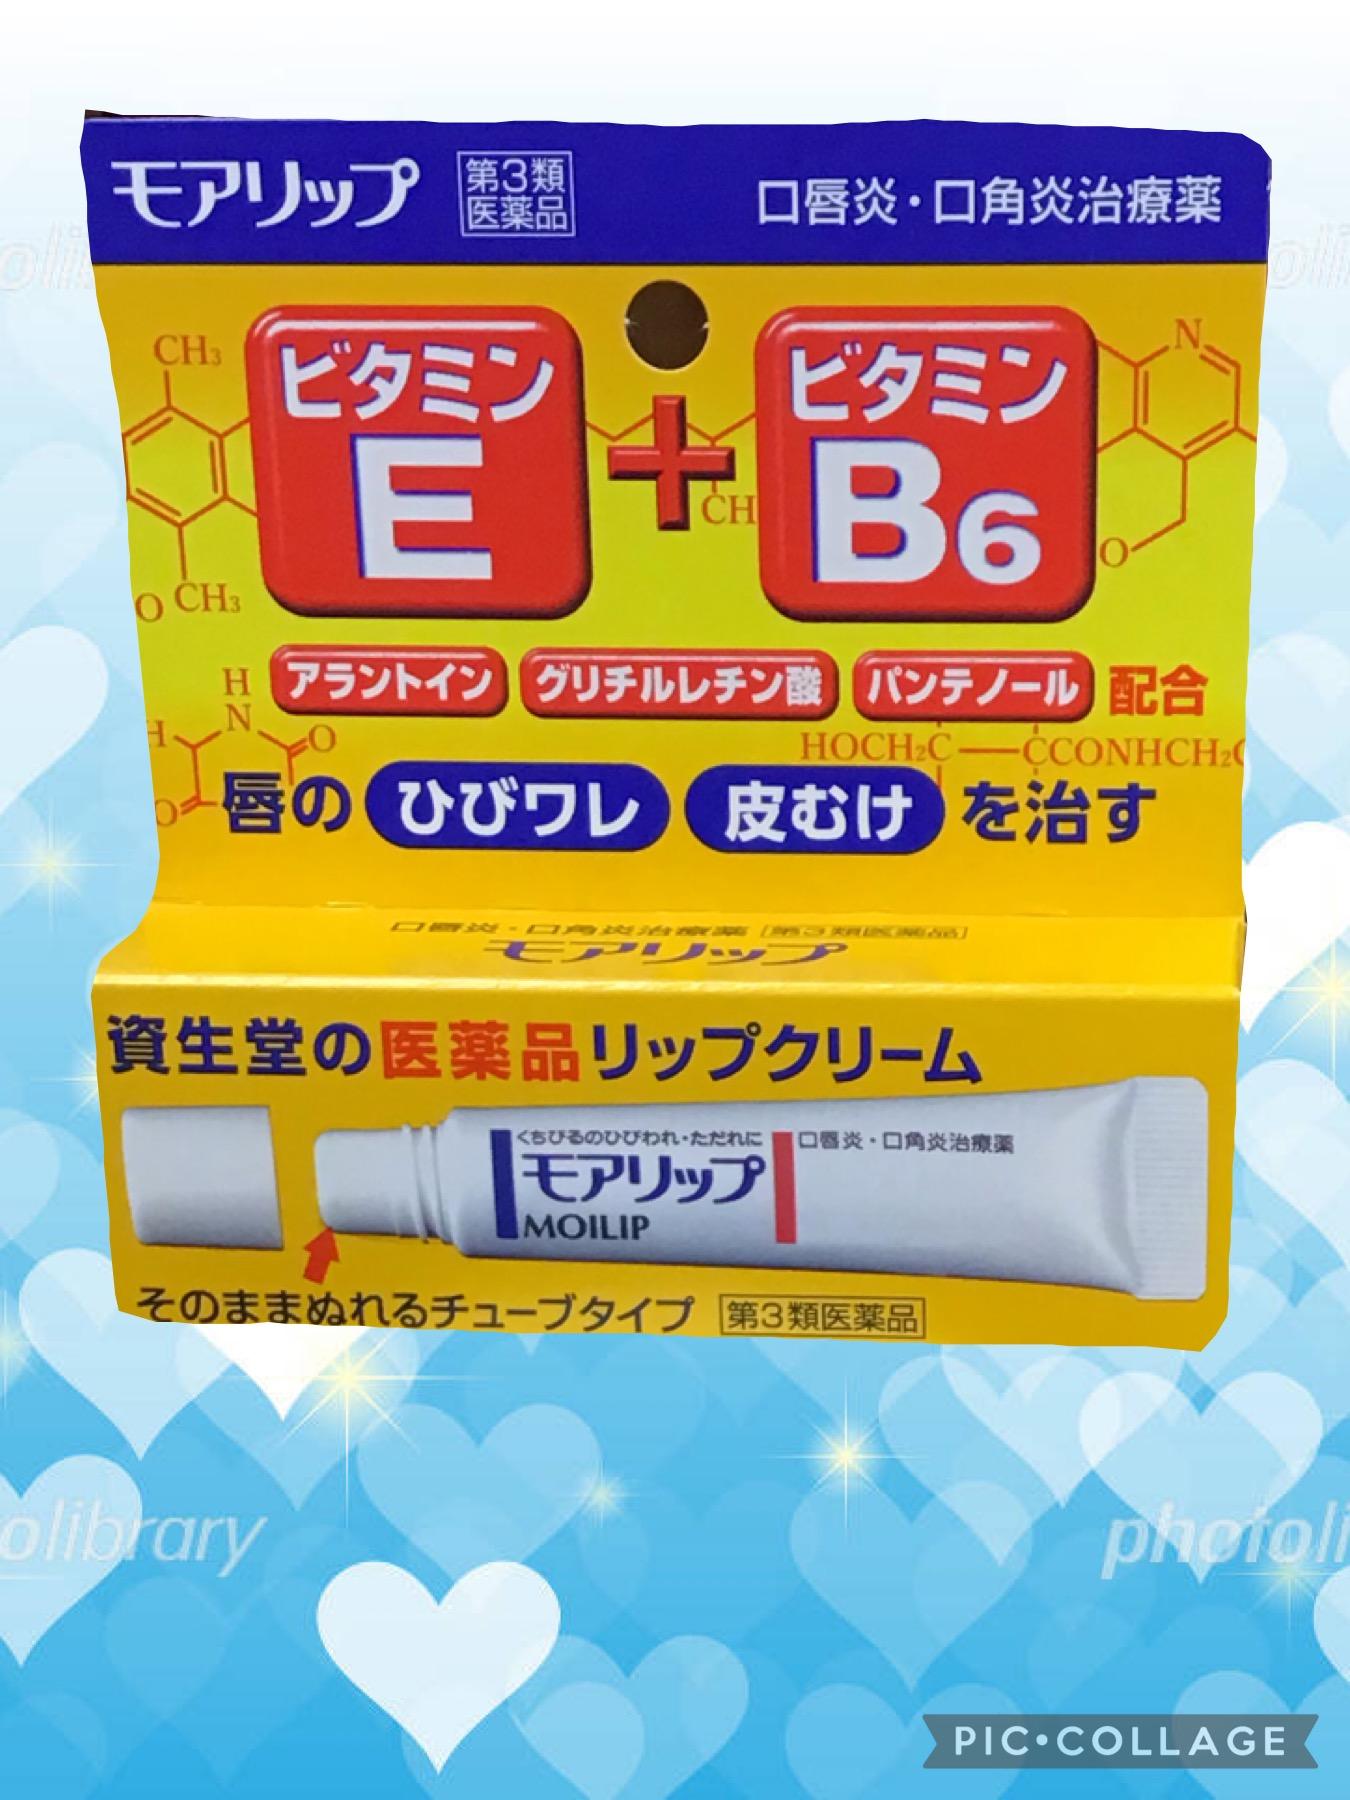 eebee2dc-a545-438f-9bcb-219fb9630d65